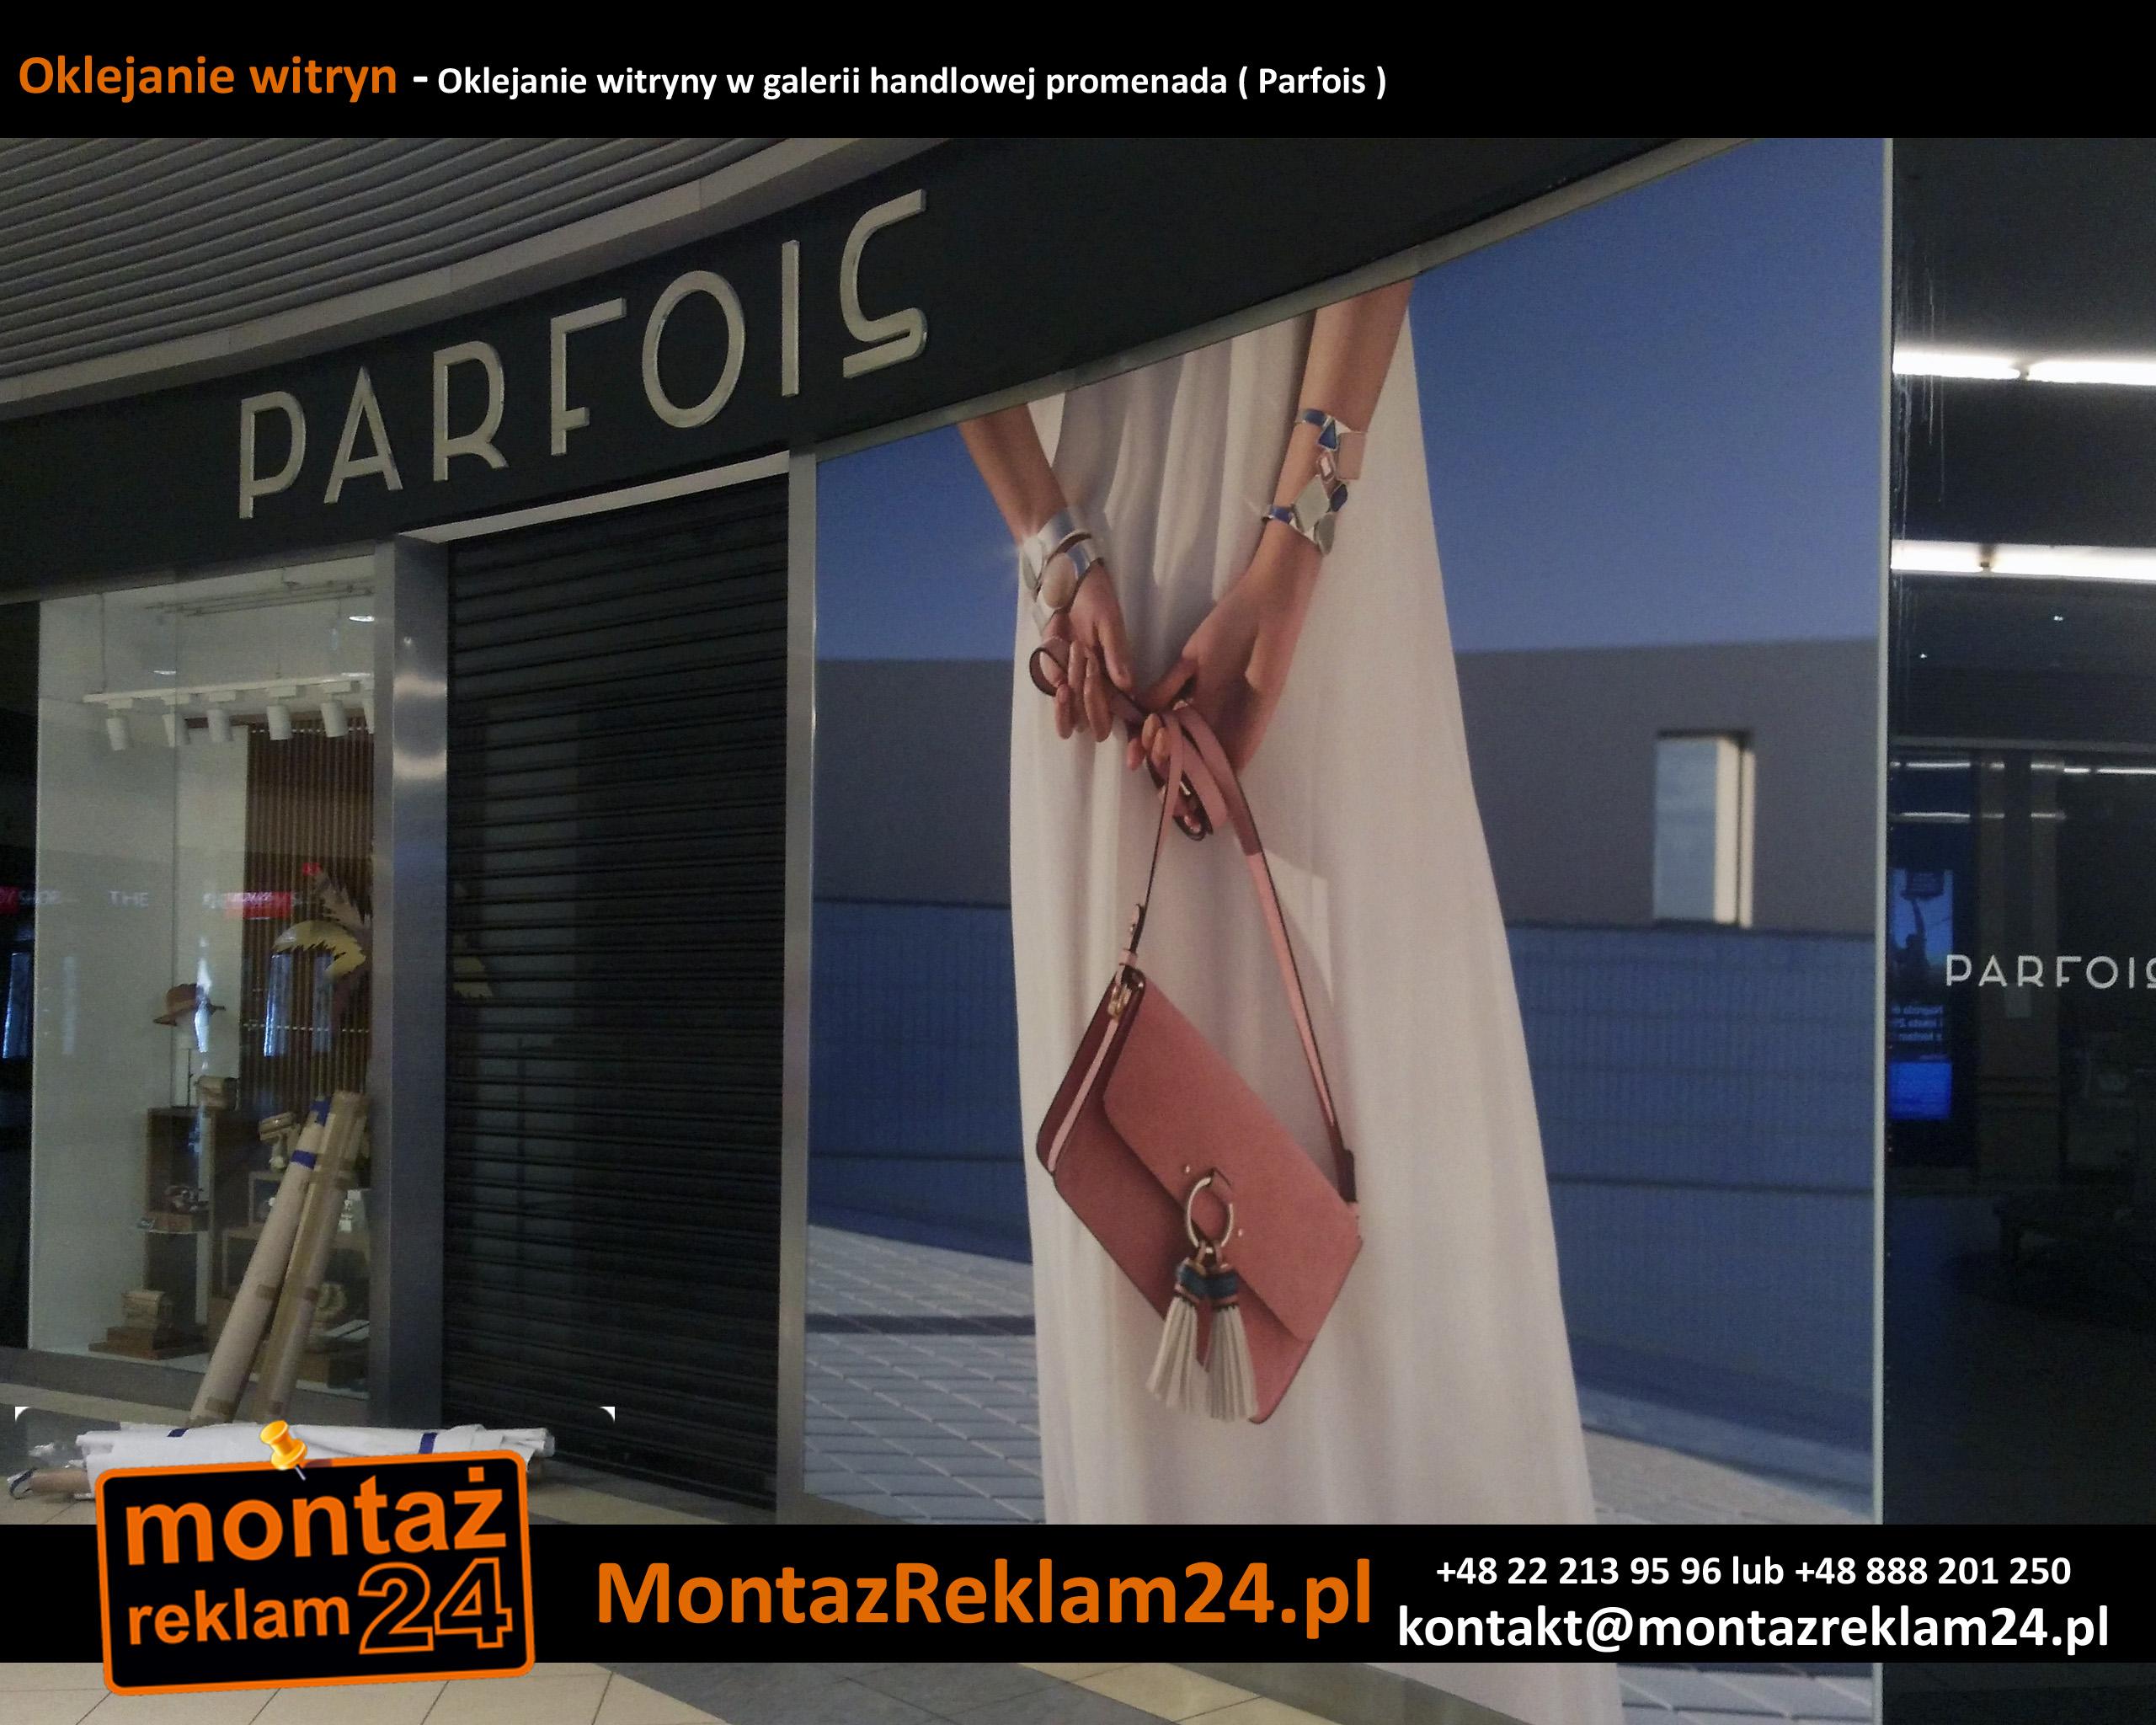 Oklejanie witryn - Oklejanie witryny w galerii handlowej promenada ( Parfois ).jpg